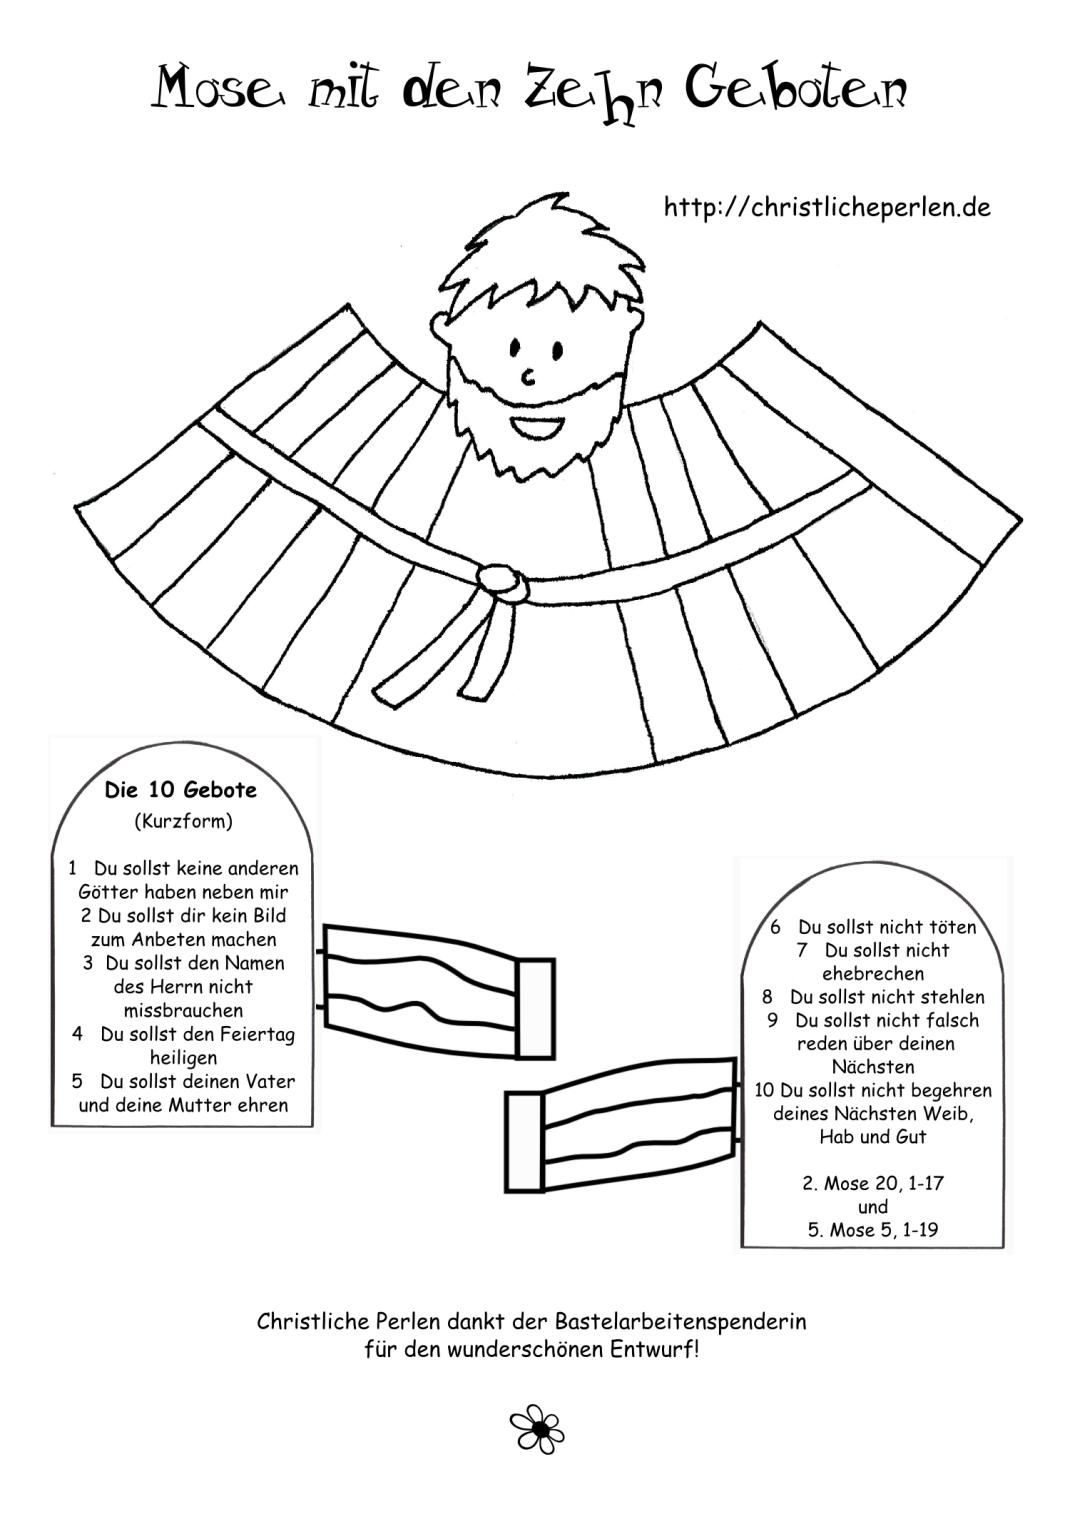 zehn gebote mose schule pinterest christian kids kids sunday school lessons und sunday. Black Bedroom Furniture Sets. Home Design Ideas